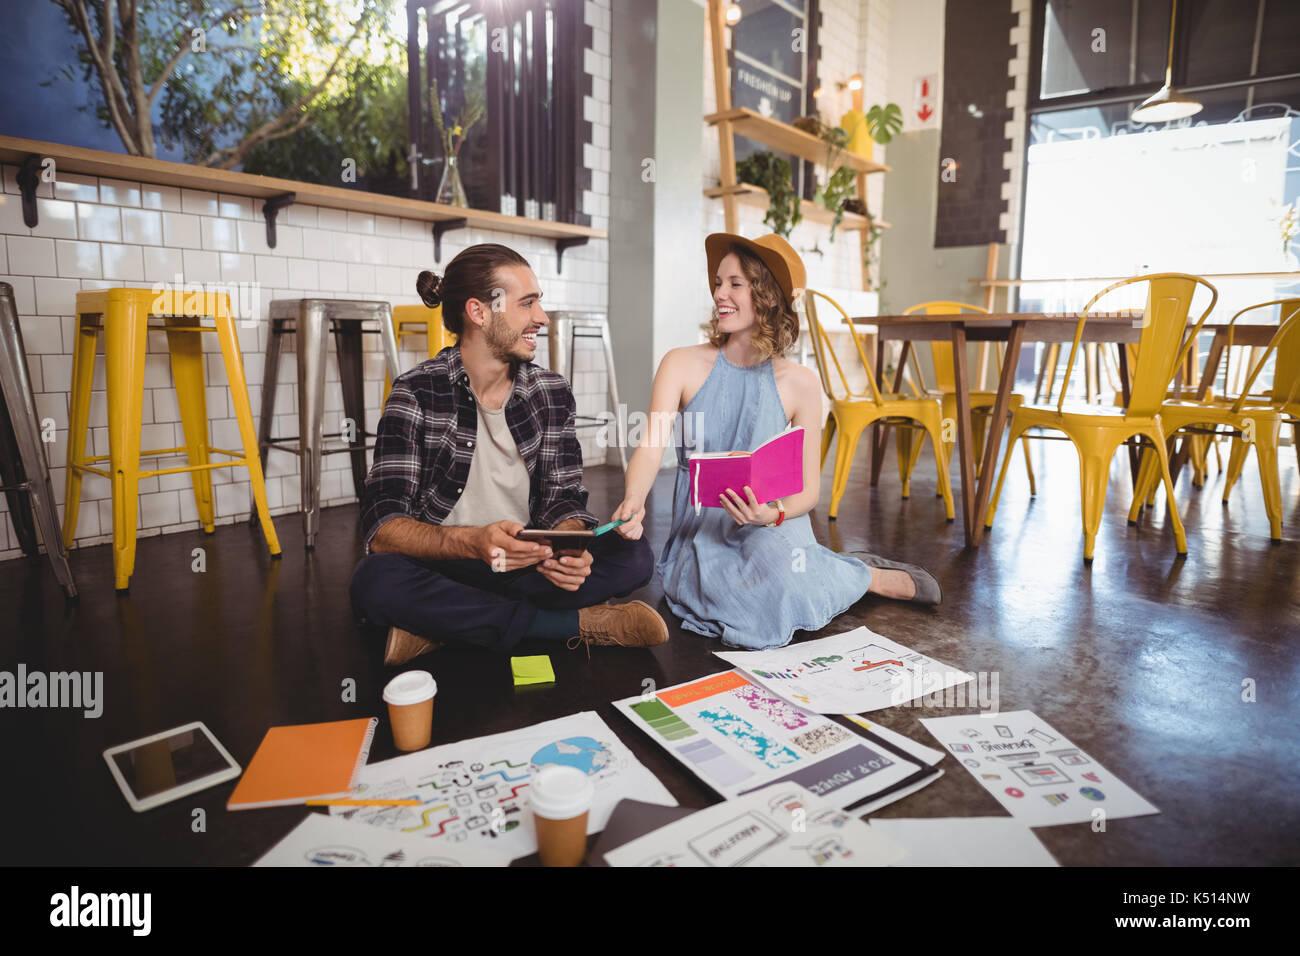 Allegro giovani professionisti seduti con fogli sul pavimento nel coffee shop Foto Stock